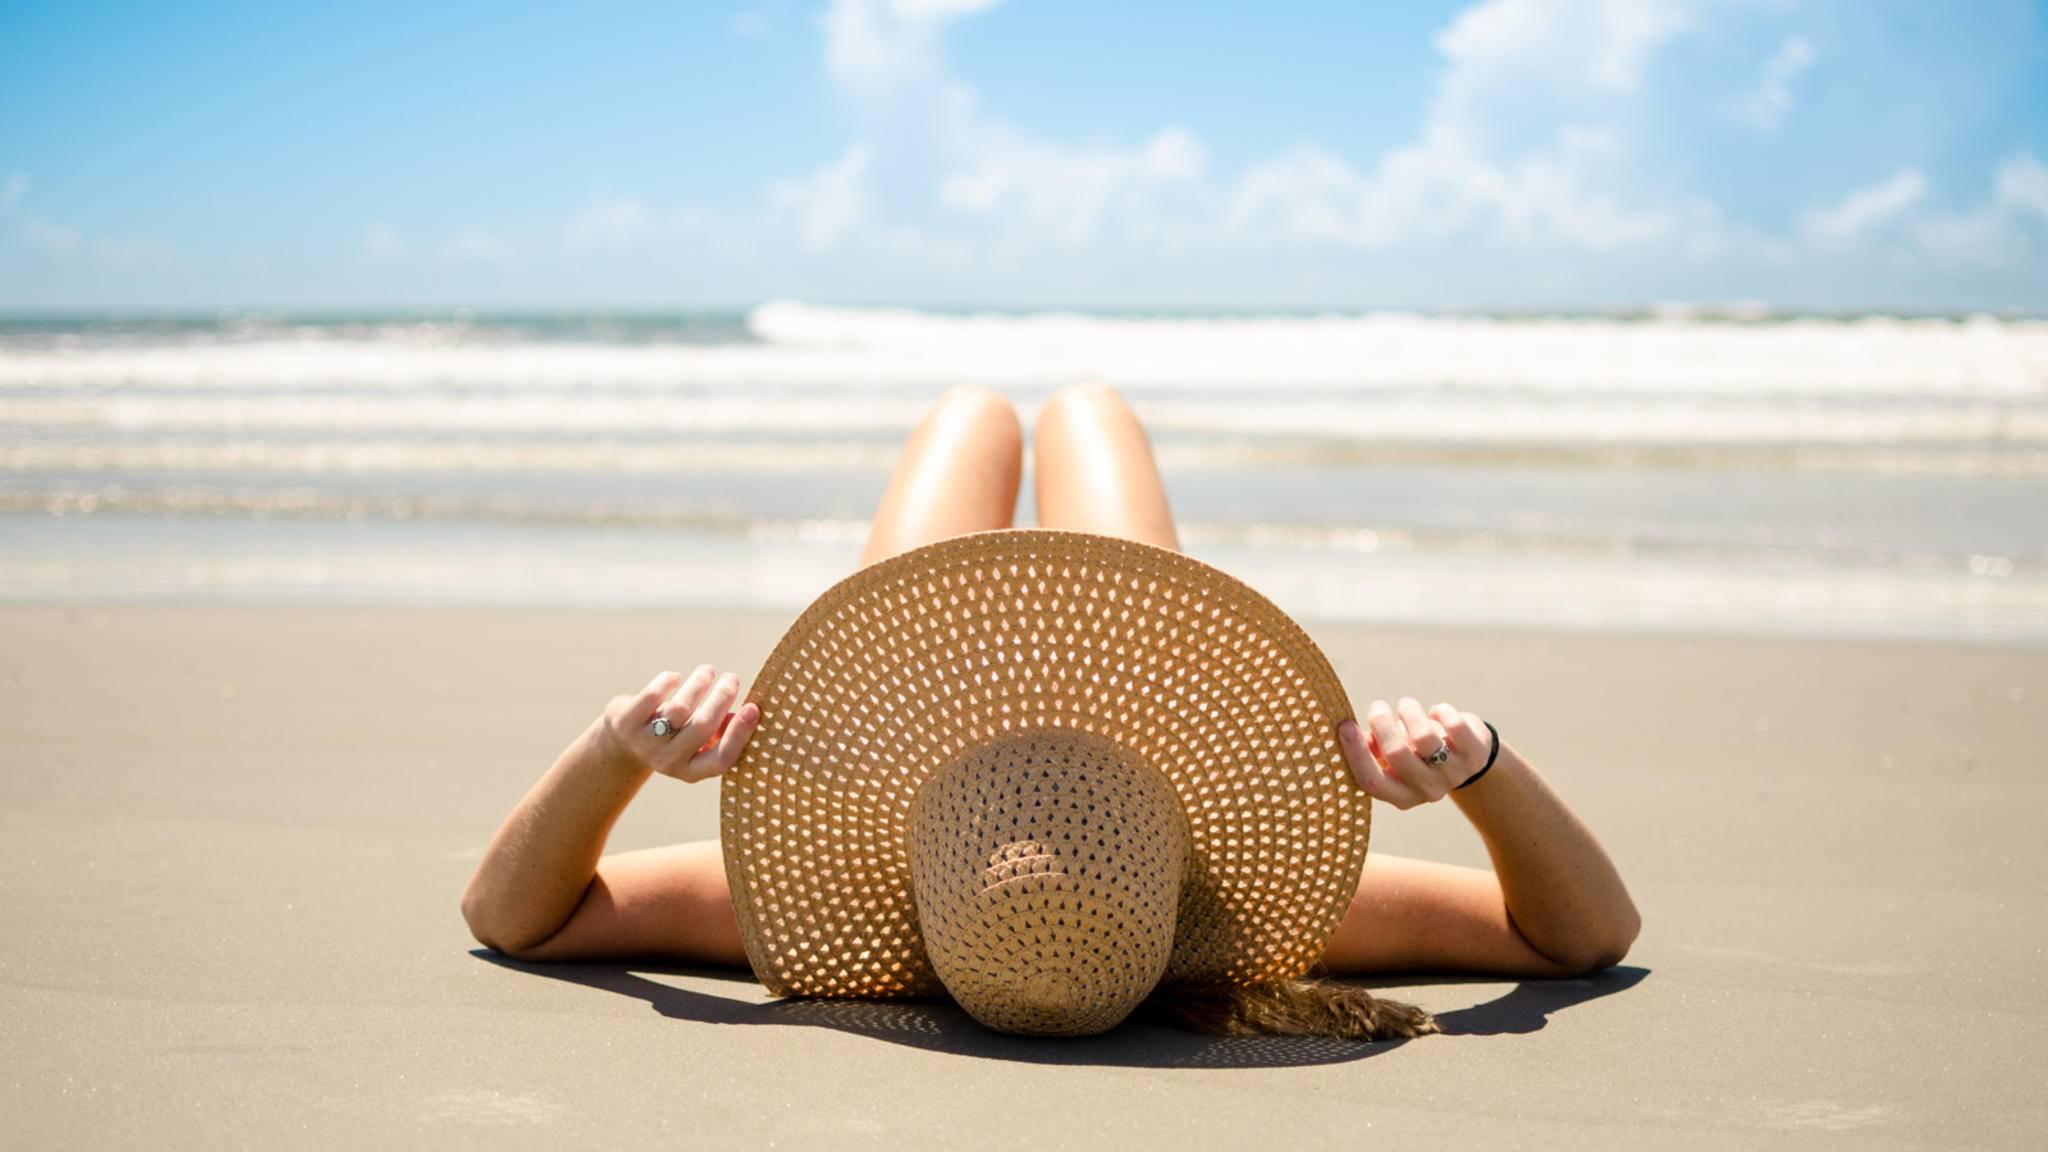 Ein neuer UV-Tracker aus Australien soll Dir helfen, das Sonnenbad noch unbeschwerter genießen zu können.